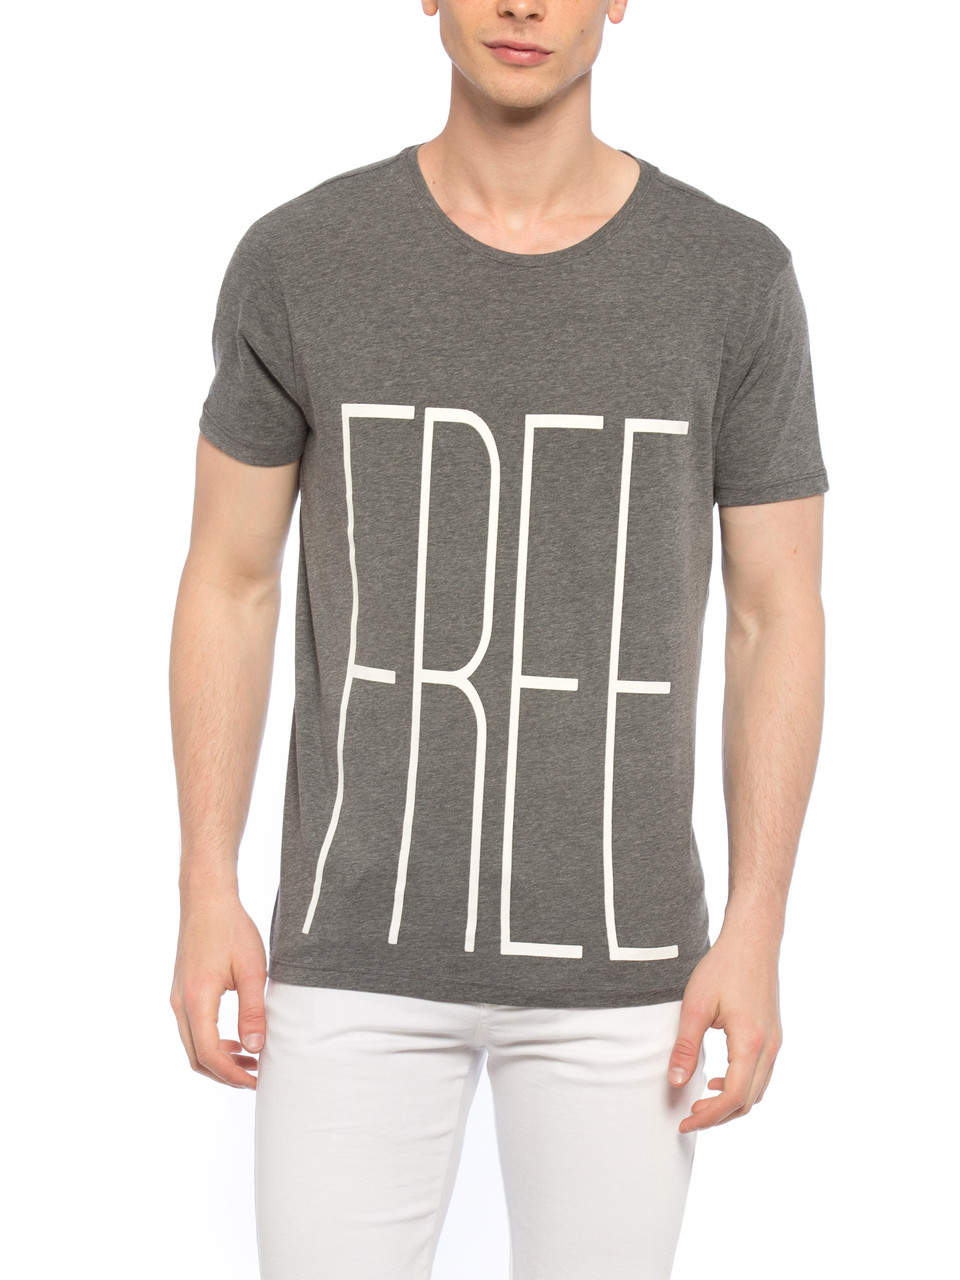 Сіра чоловіча футболка Lc Waikiki / Лз Вайкікі з написом FREE